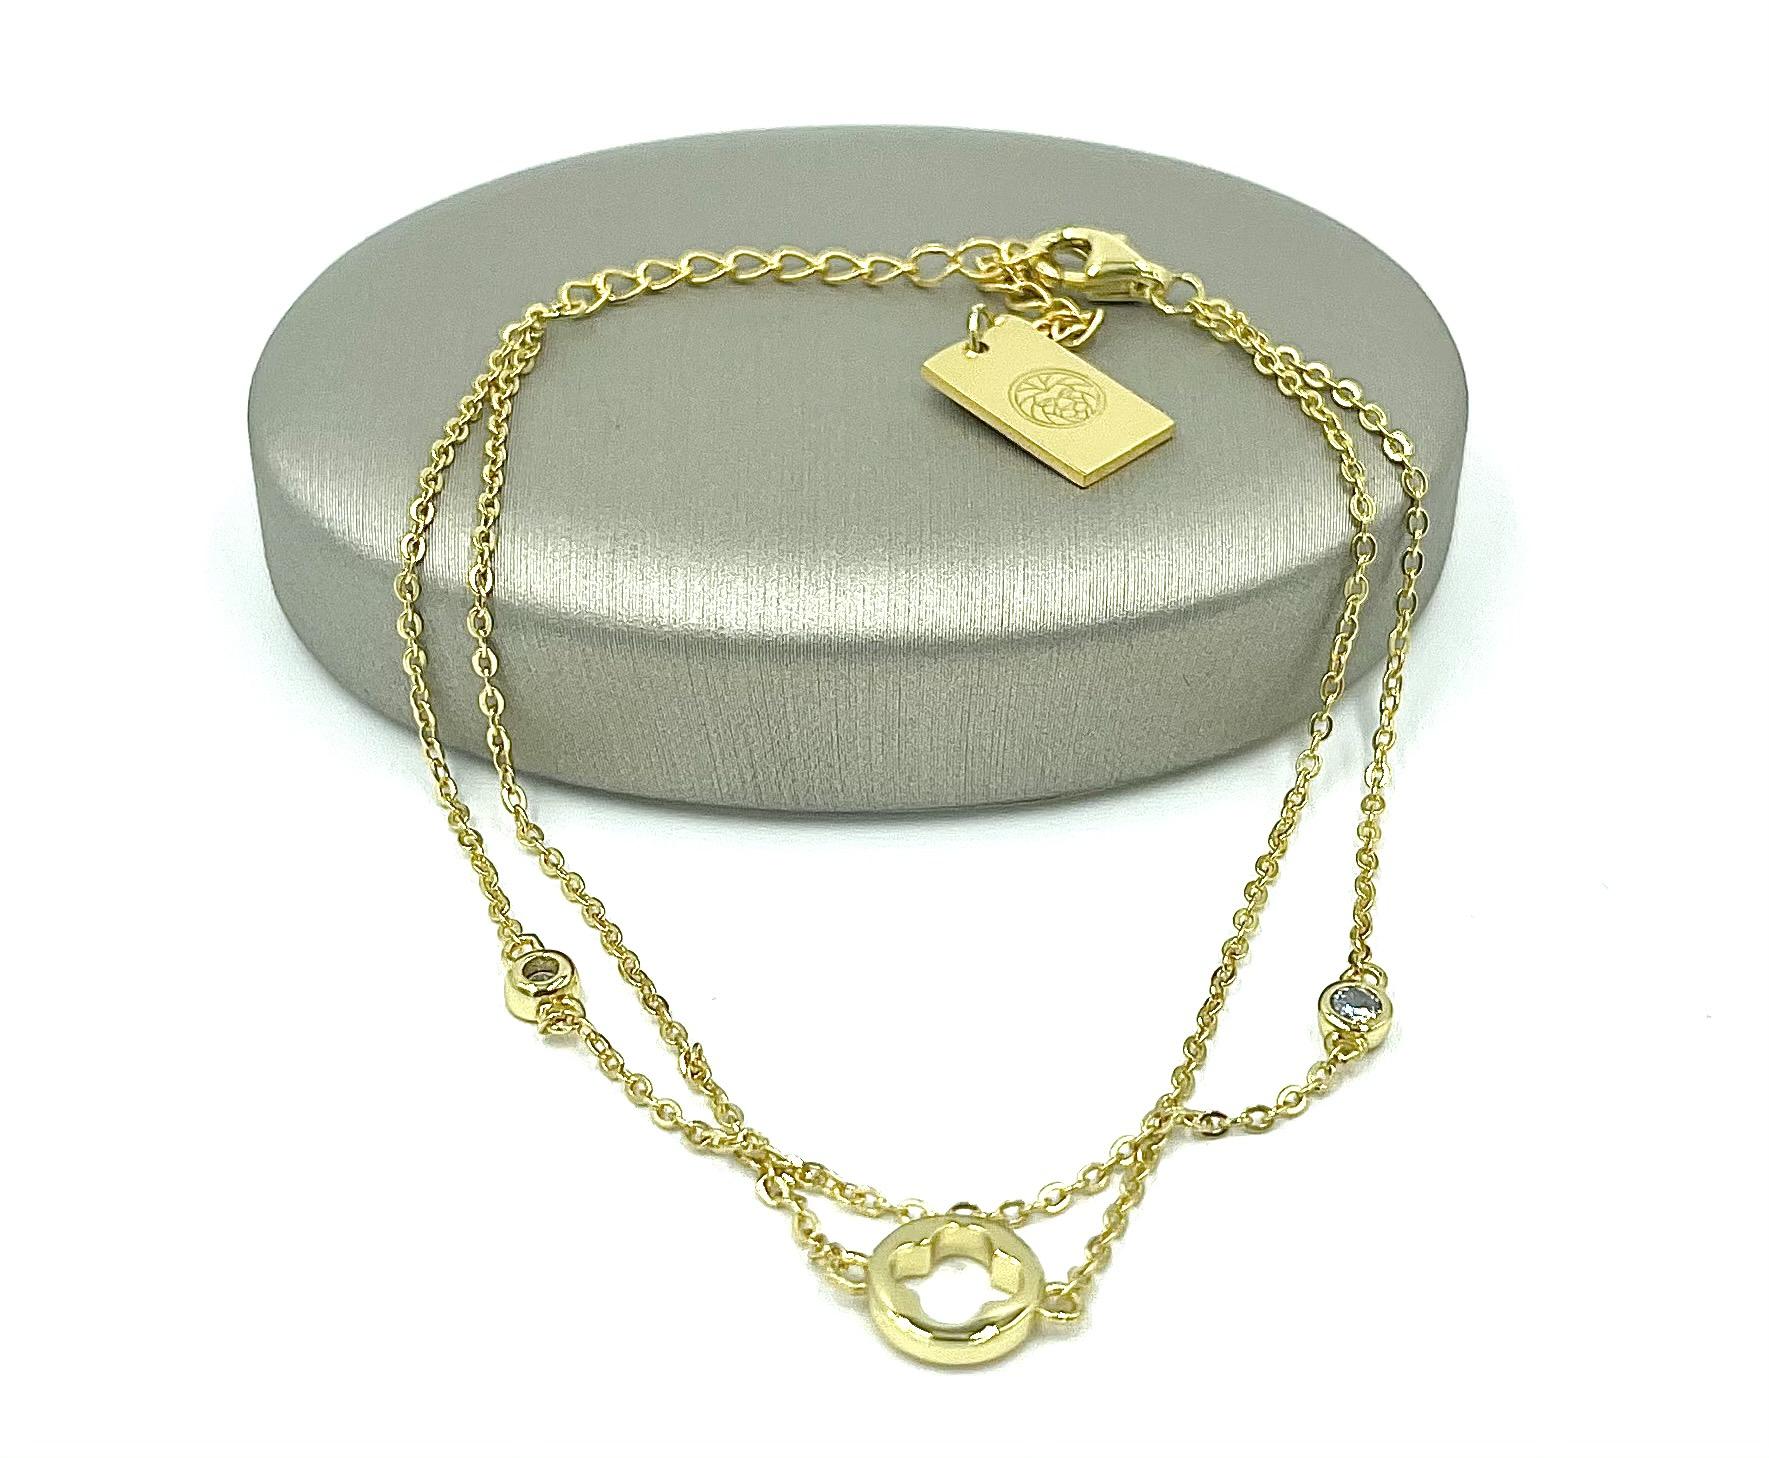 J .lionthelabel-Fortuna bracelet gold-005